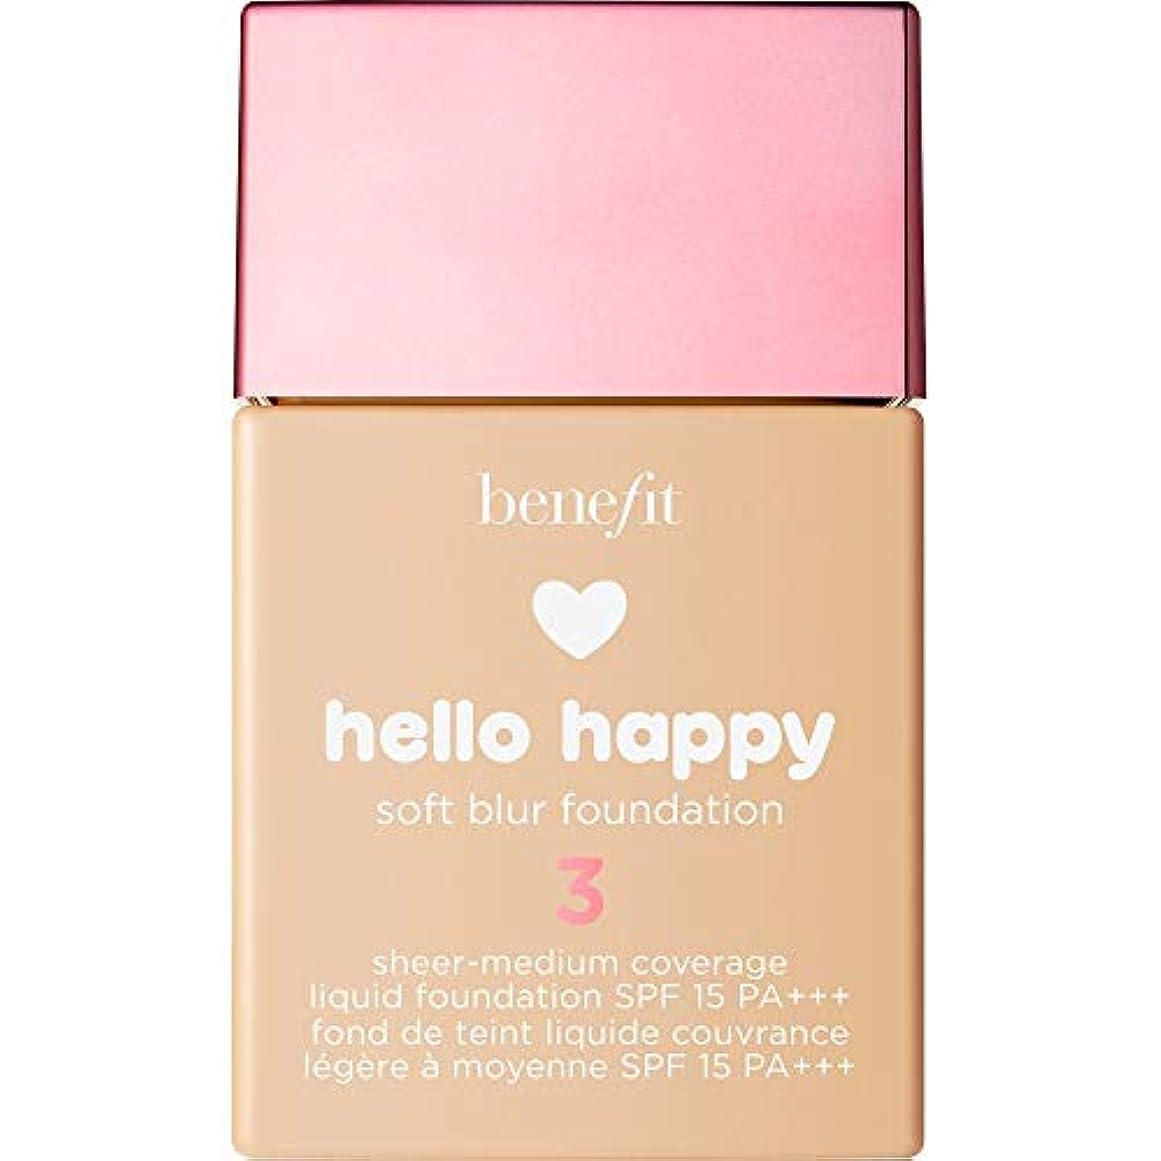 正規化どっちでも動詞[Benefit ] 利益こんにちは幸せなソフトブラー基礎Spf15 30ミリリットル3 - ニュートラルライト - Benefit Hello Happy Soft Blur Foundation SPF15 30ml...